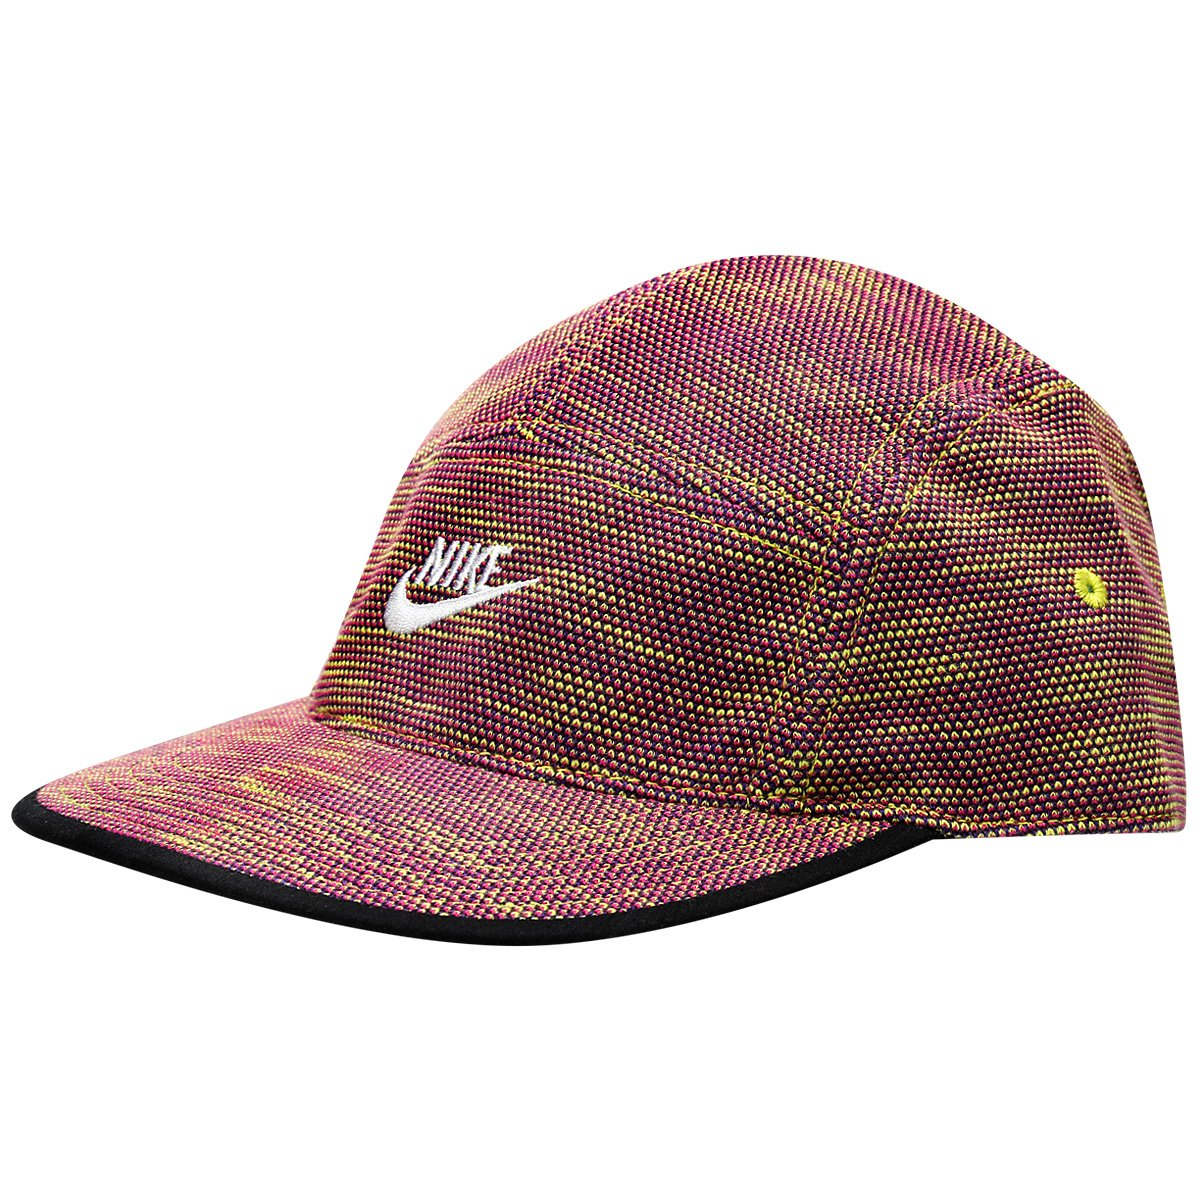 61bfd9f00bbb0 Boné Nike AW84 Blur - Compre Agora